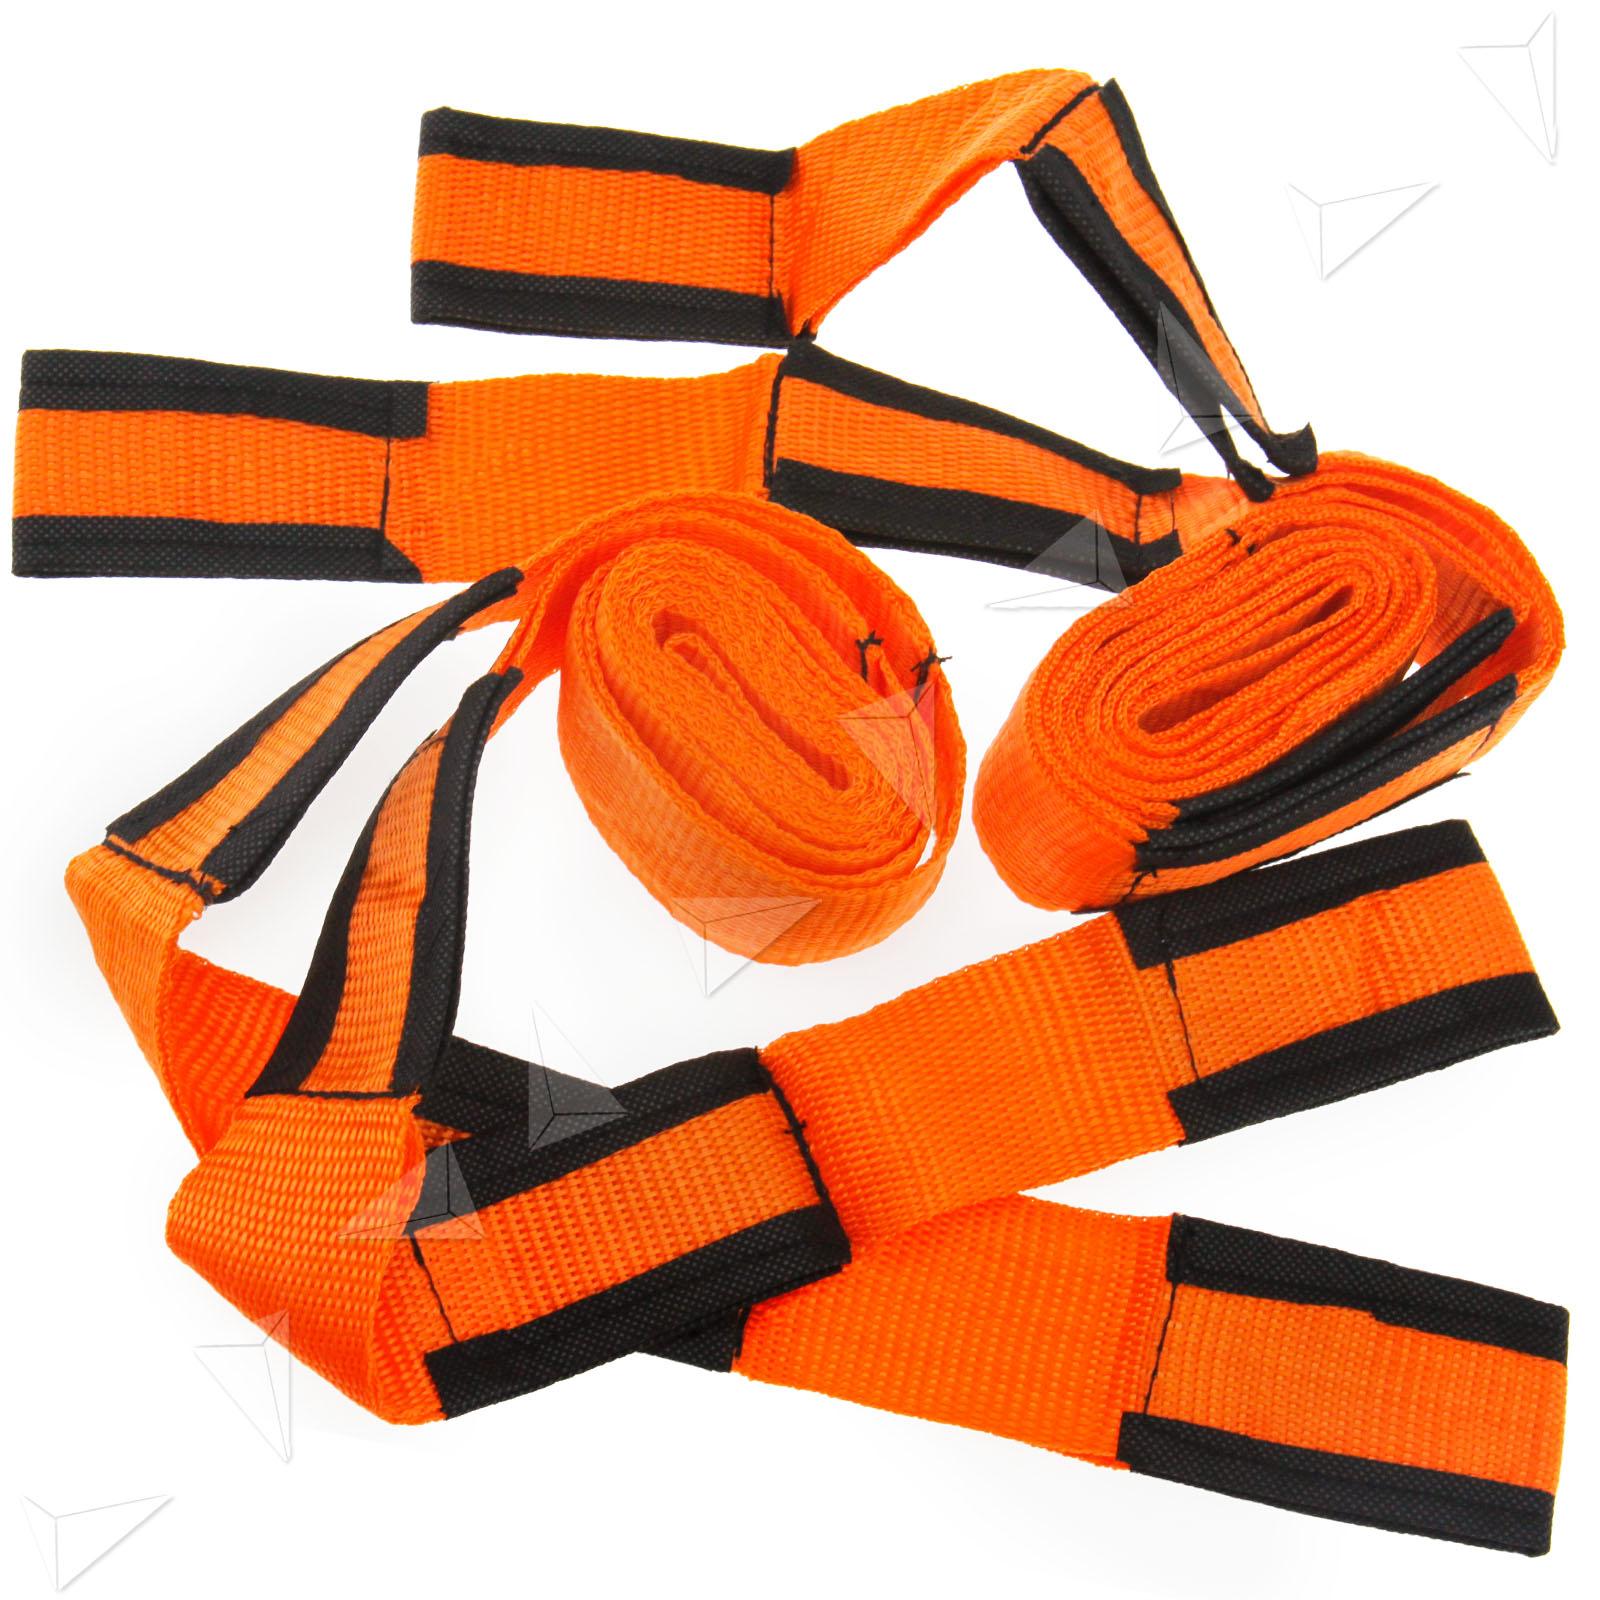 New 2 X Moving Belt Strap Furniture Transport Belt Mover Lifting Moving Straps Ebay